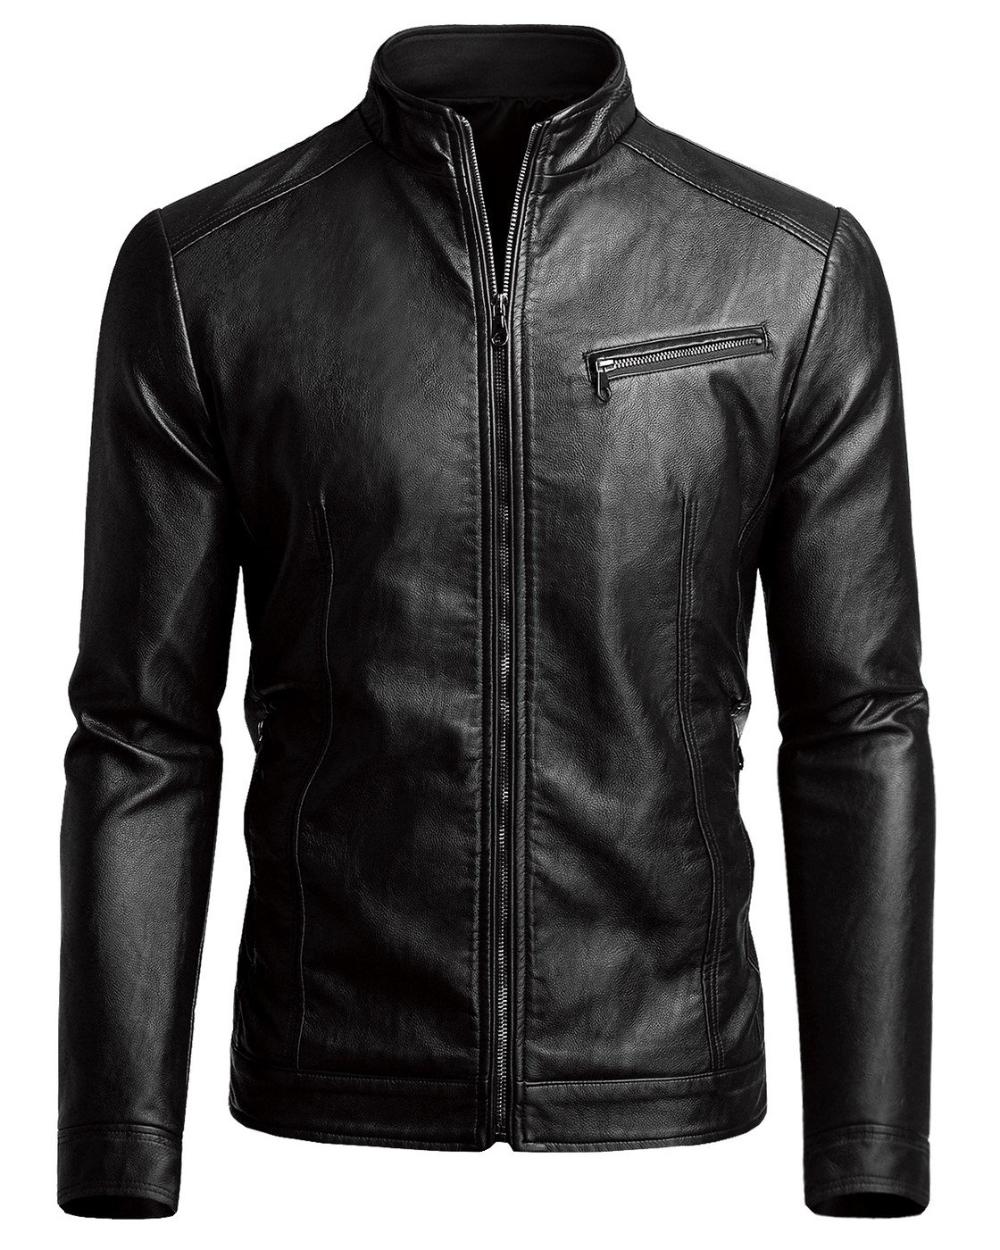 Men S Casual Faux Leather Jacket Shopinzar Com Leather Jackets Online Mens Jackets Casual Leather Jacket Men [ 1250 x 1000 Pixel ]